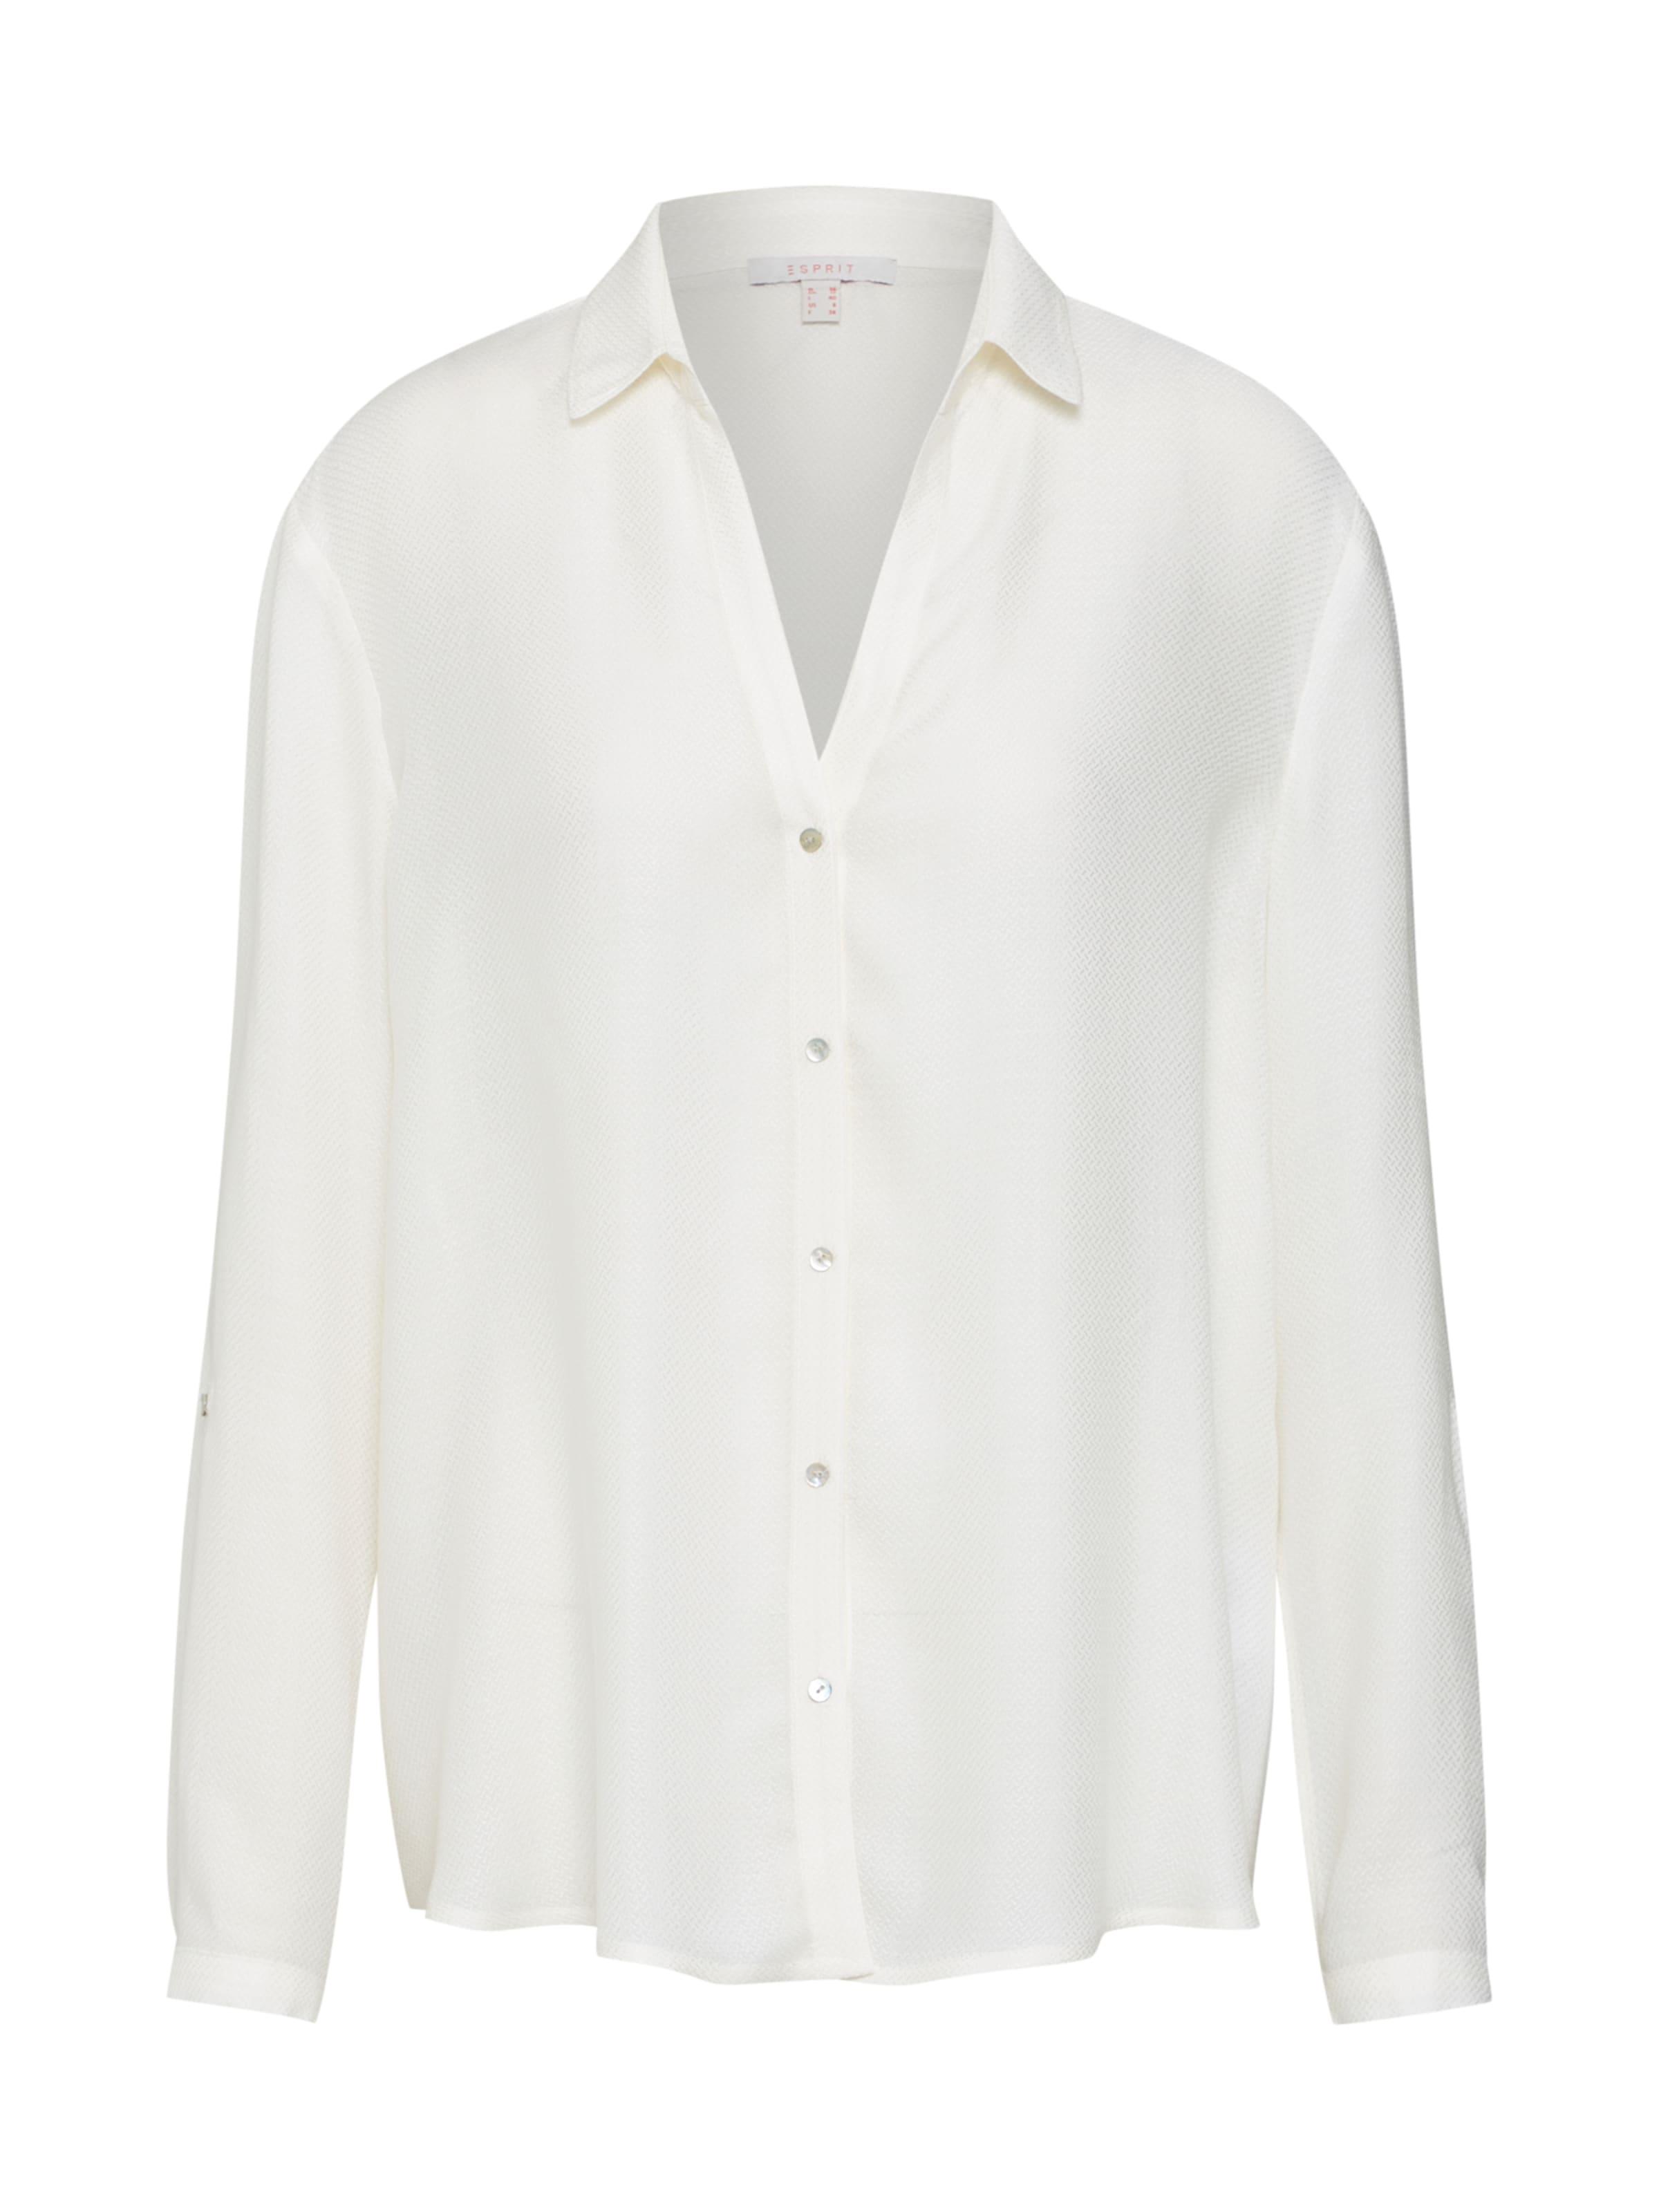 Blanc Blanc EspritChemisier In EspritChemisier EspritChemisier Blanc In In In Blanc EspritChemisier WYEH9D2I